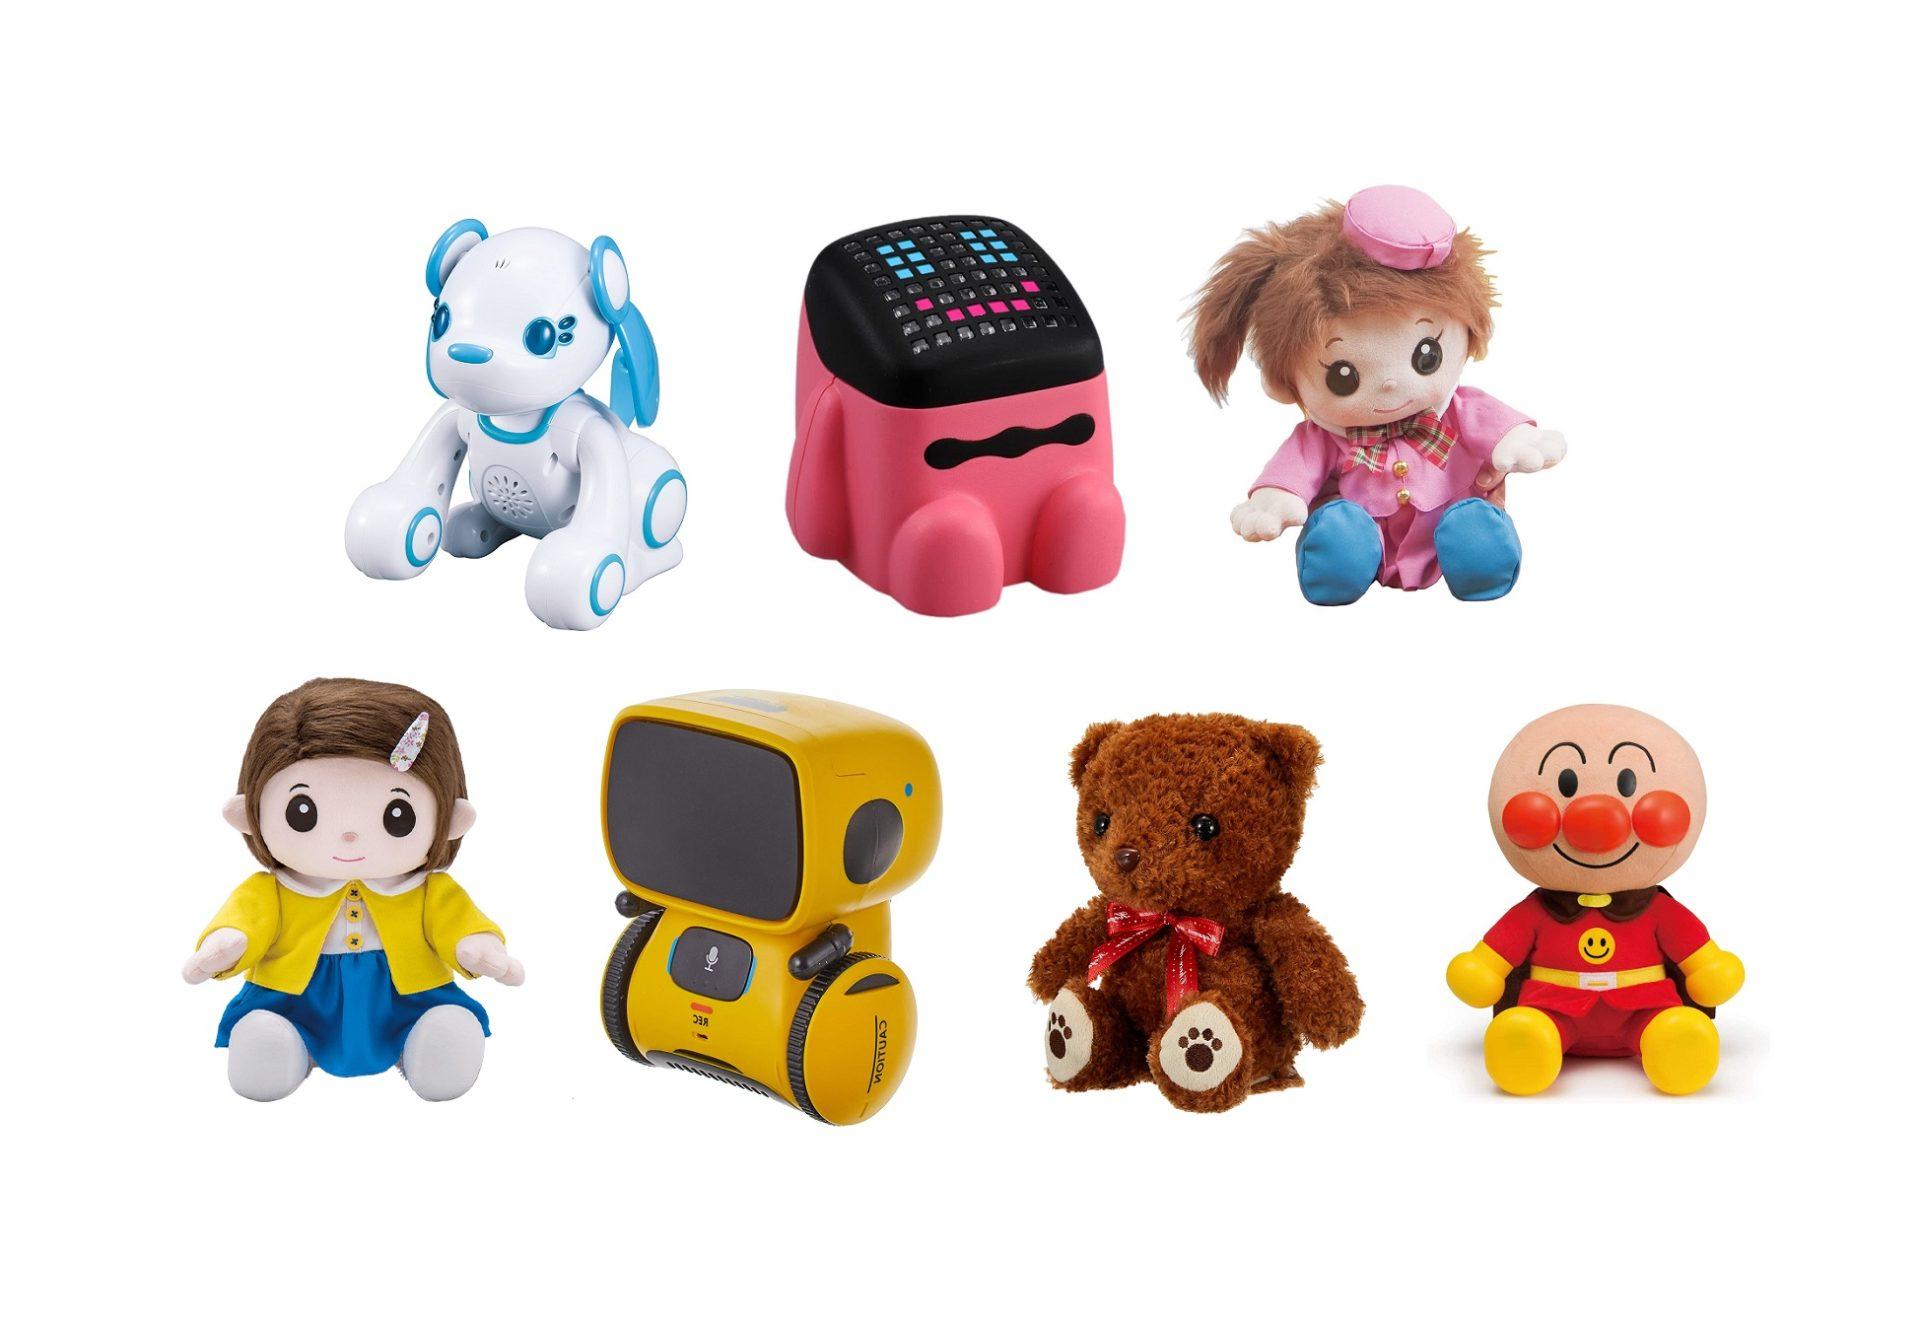 お手頃なコミュニケーションロボットおすすめ7選、子供からお年寄りまで楽しめる